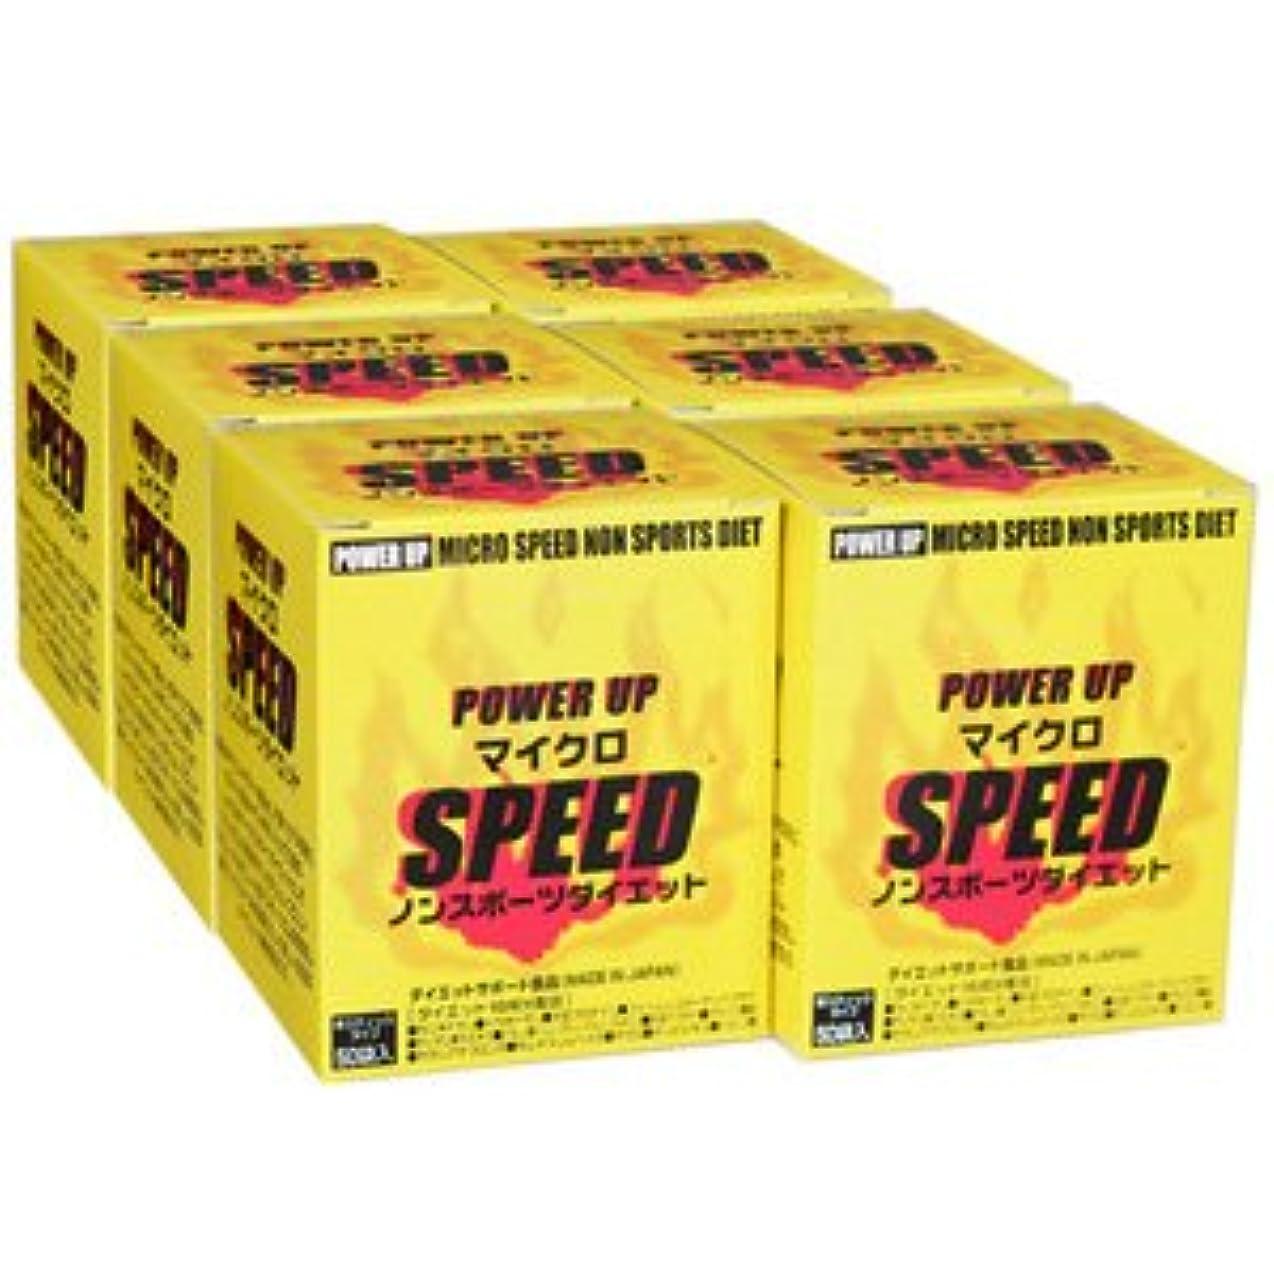 邪悪な反応するピューマイクロスピードノンスポーツダイエット 6箱